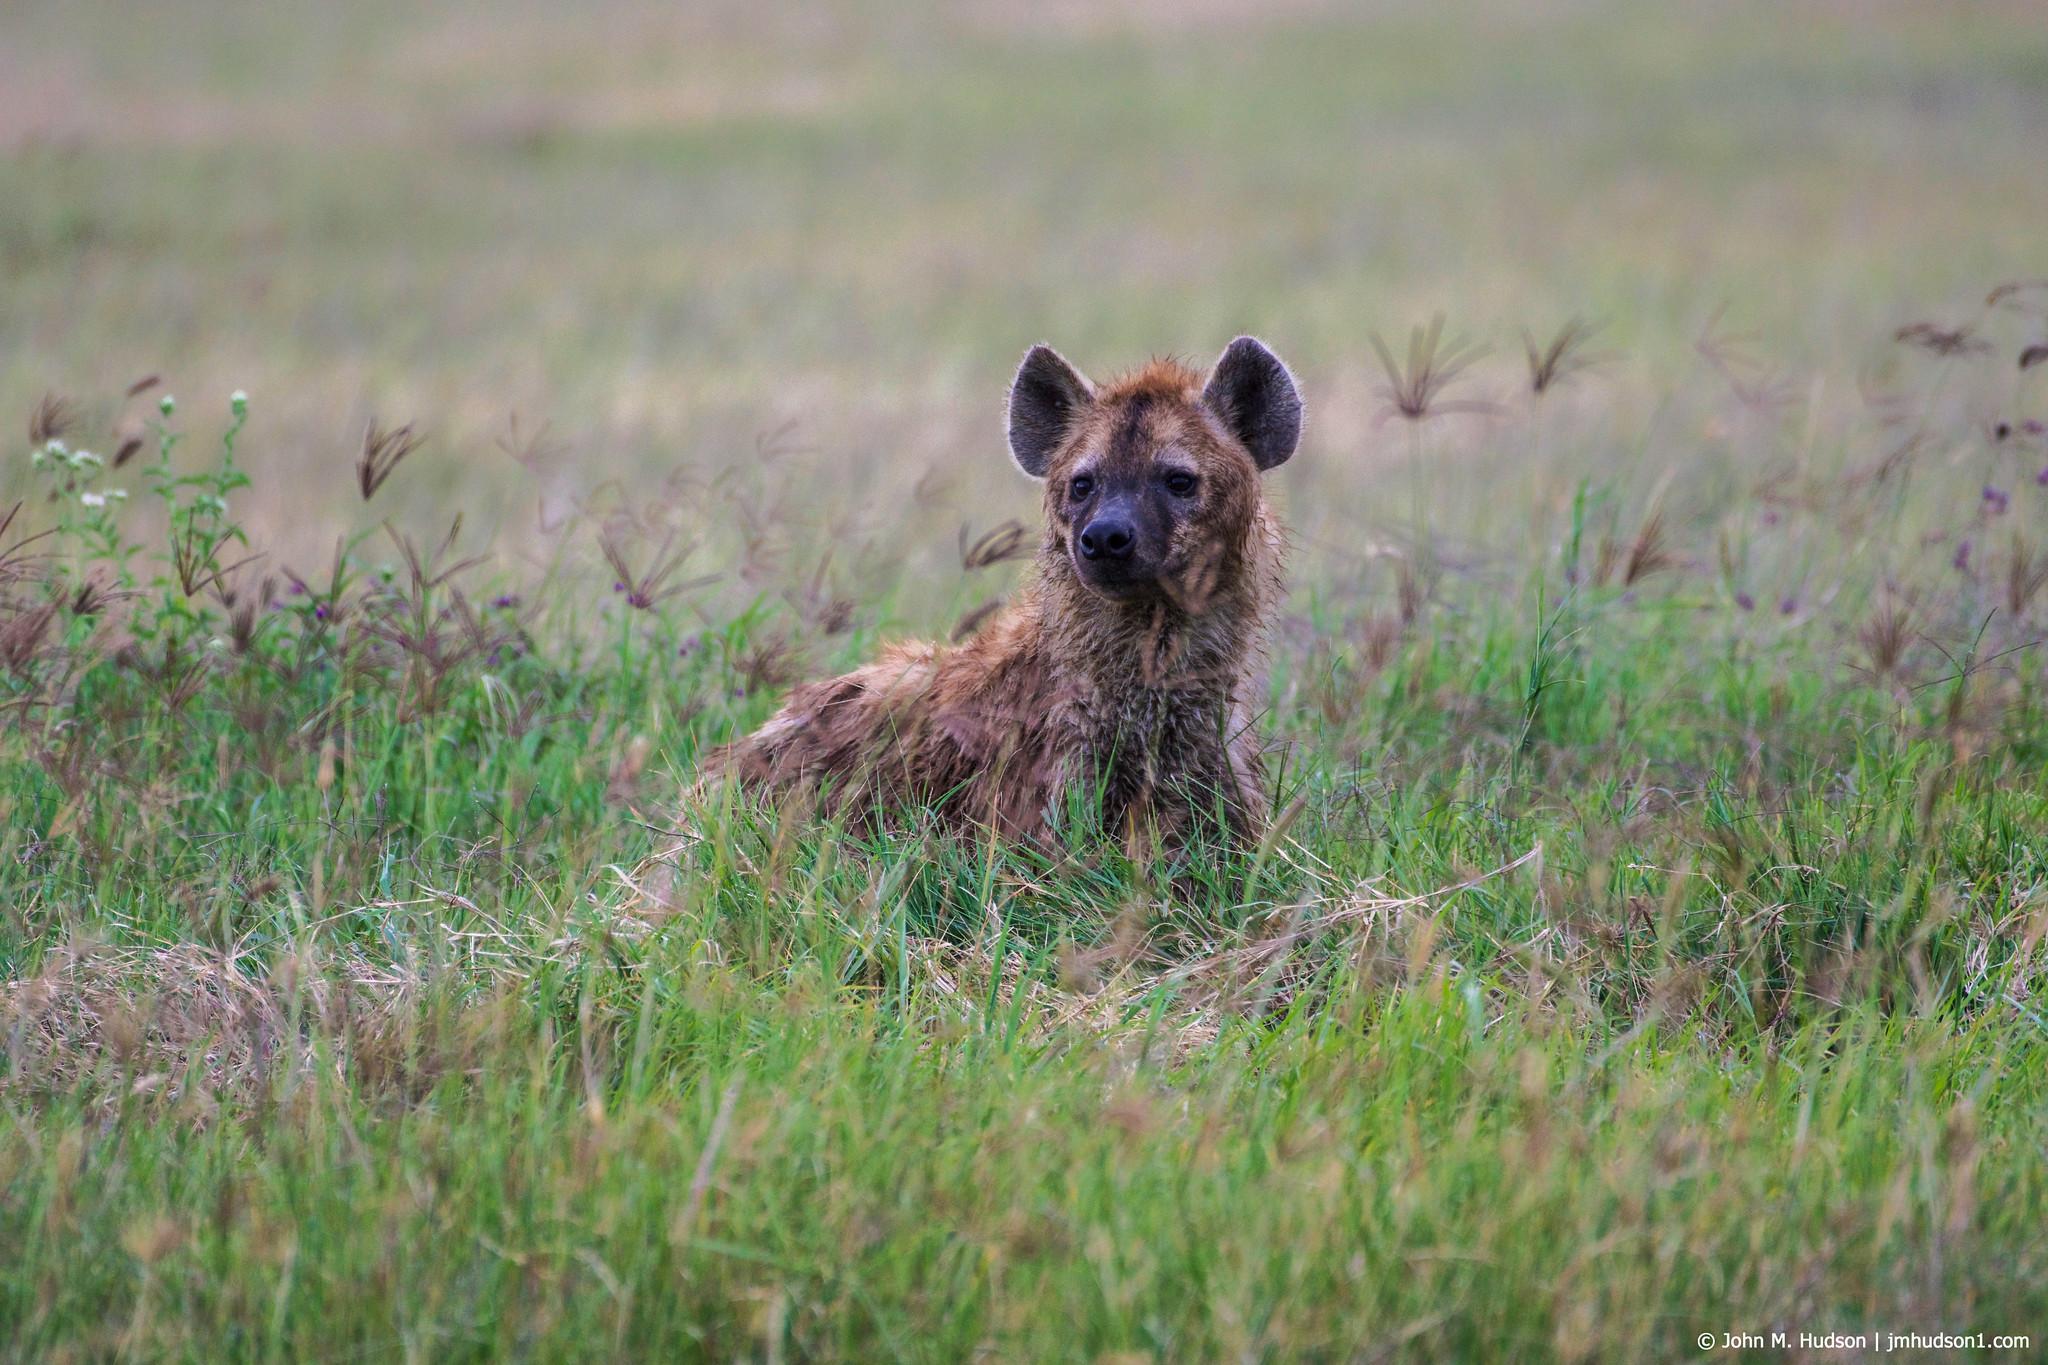 2019.06.09.4195 Hyena on Patrol POD